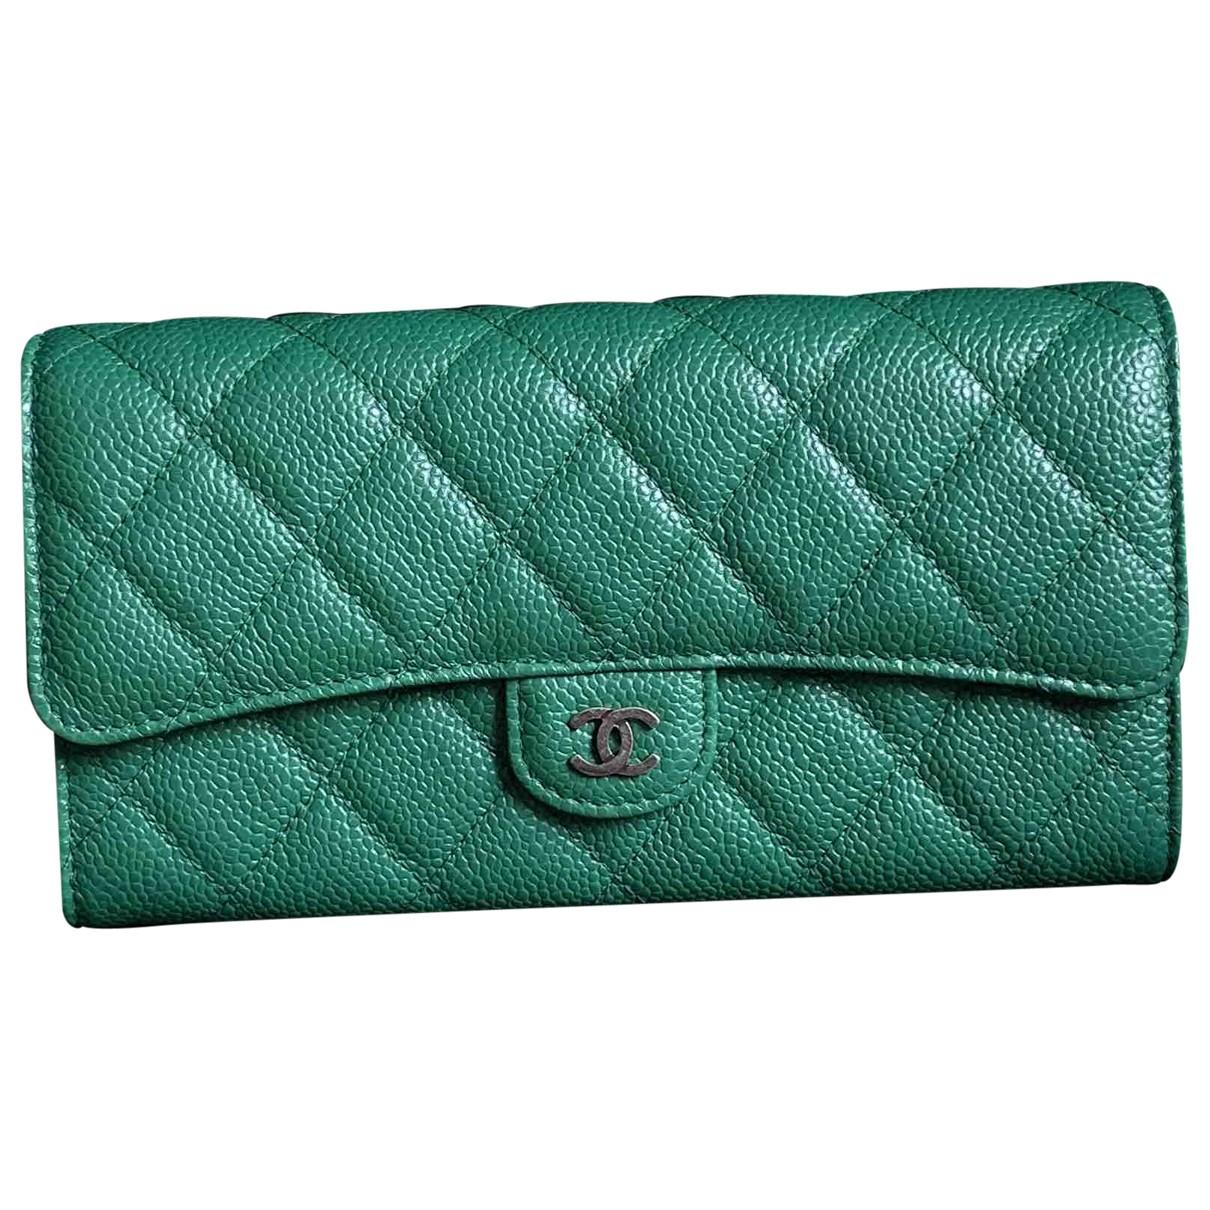 Chanel - Portefeuille Timeless/Classique pour femme en cuir - vert